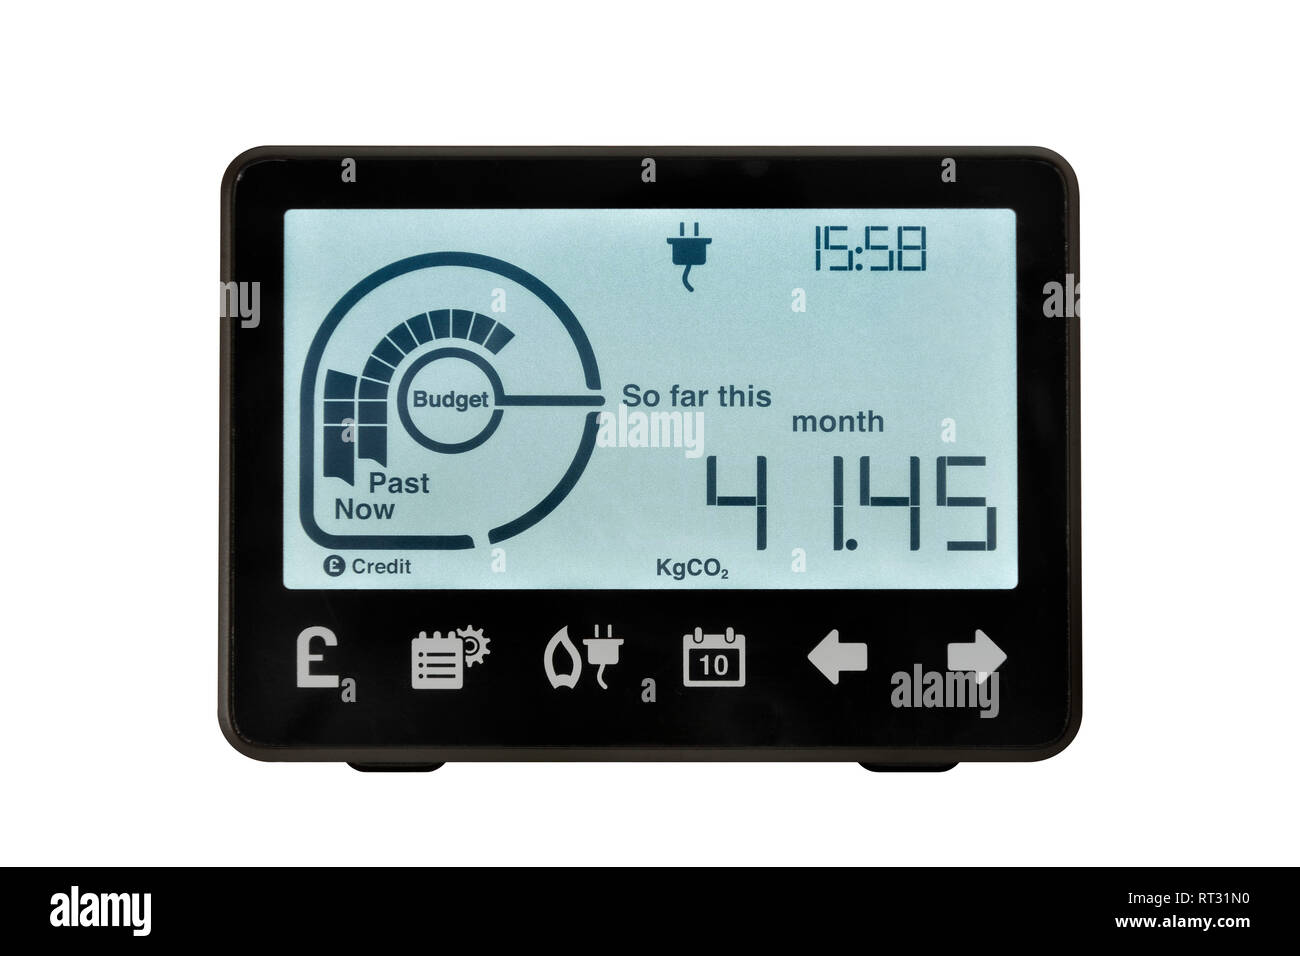 Smart Meter, Vereinigtes Königreich. Ein elektronisches Gerät zur Aufzeichnung und Überwachung der Verbrauch von Elektrizität im Haus. Stockbild